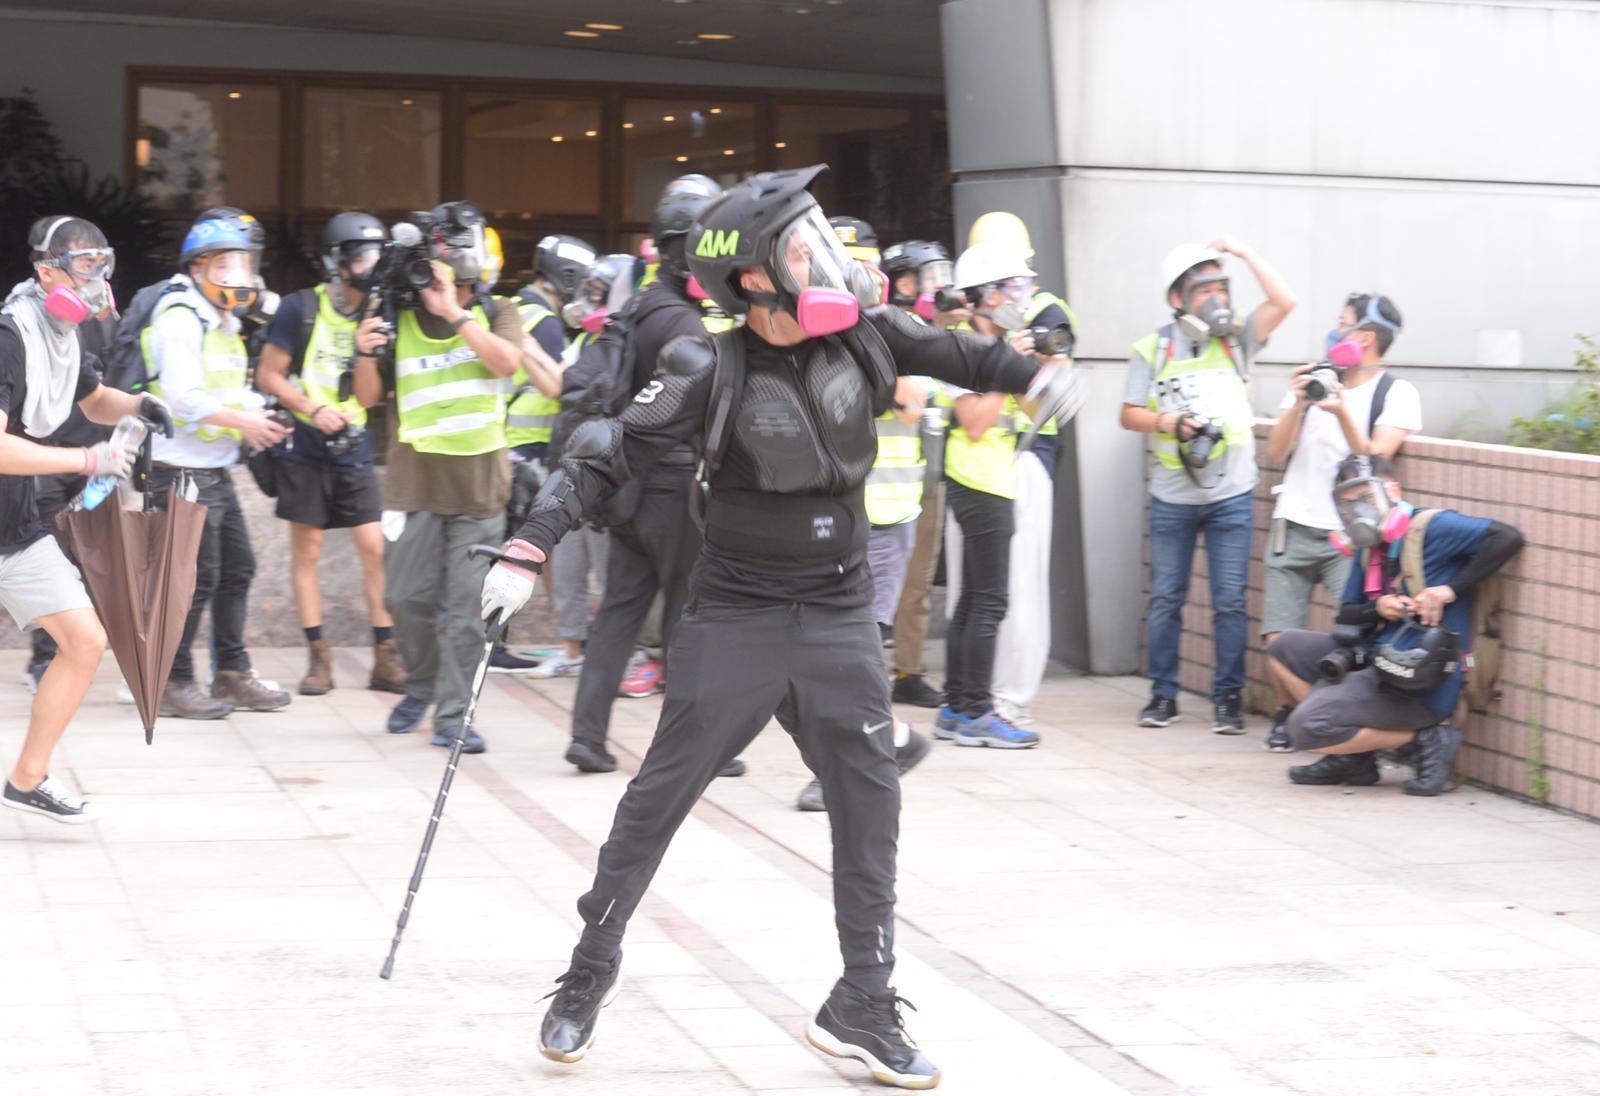 示威者下午5時轉移至九龍灣德福廣場平台